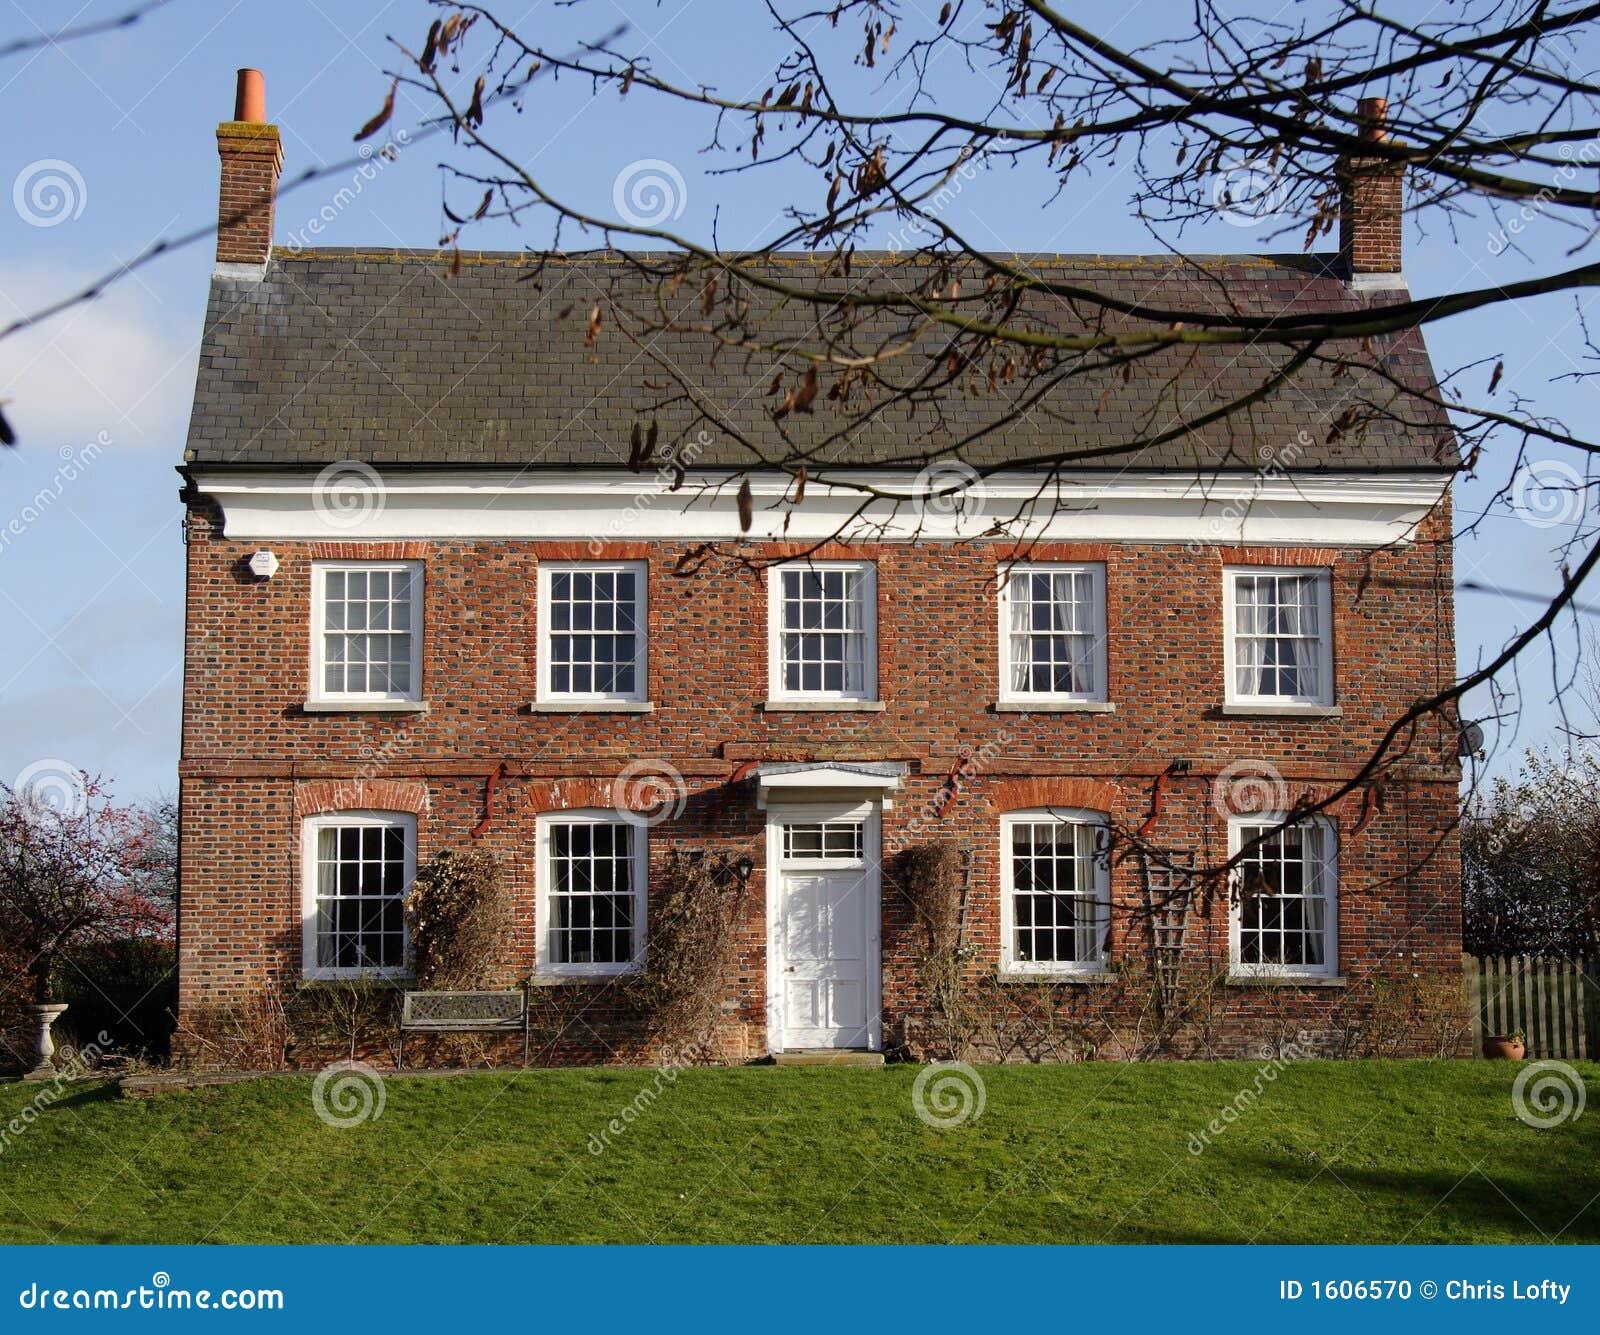 englisches landhaus stockfoto bild 1606570. Black Bedroom Furniture Sets. Home Design Ideas